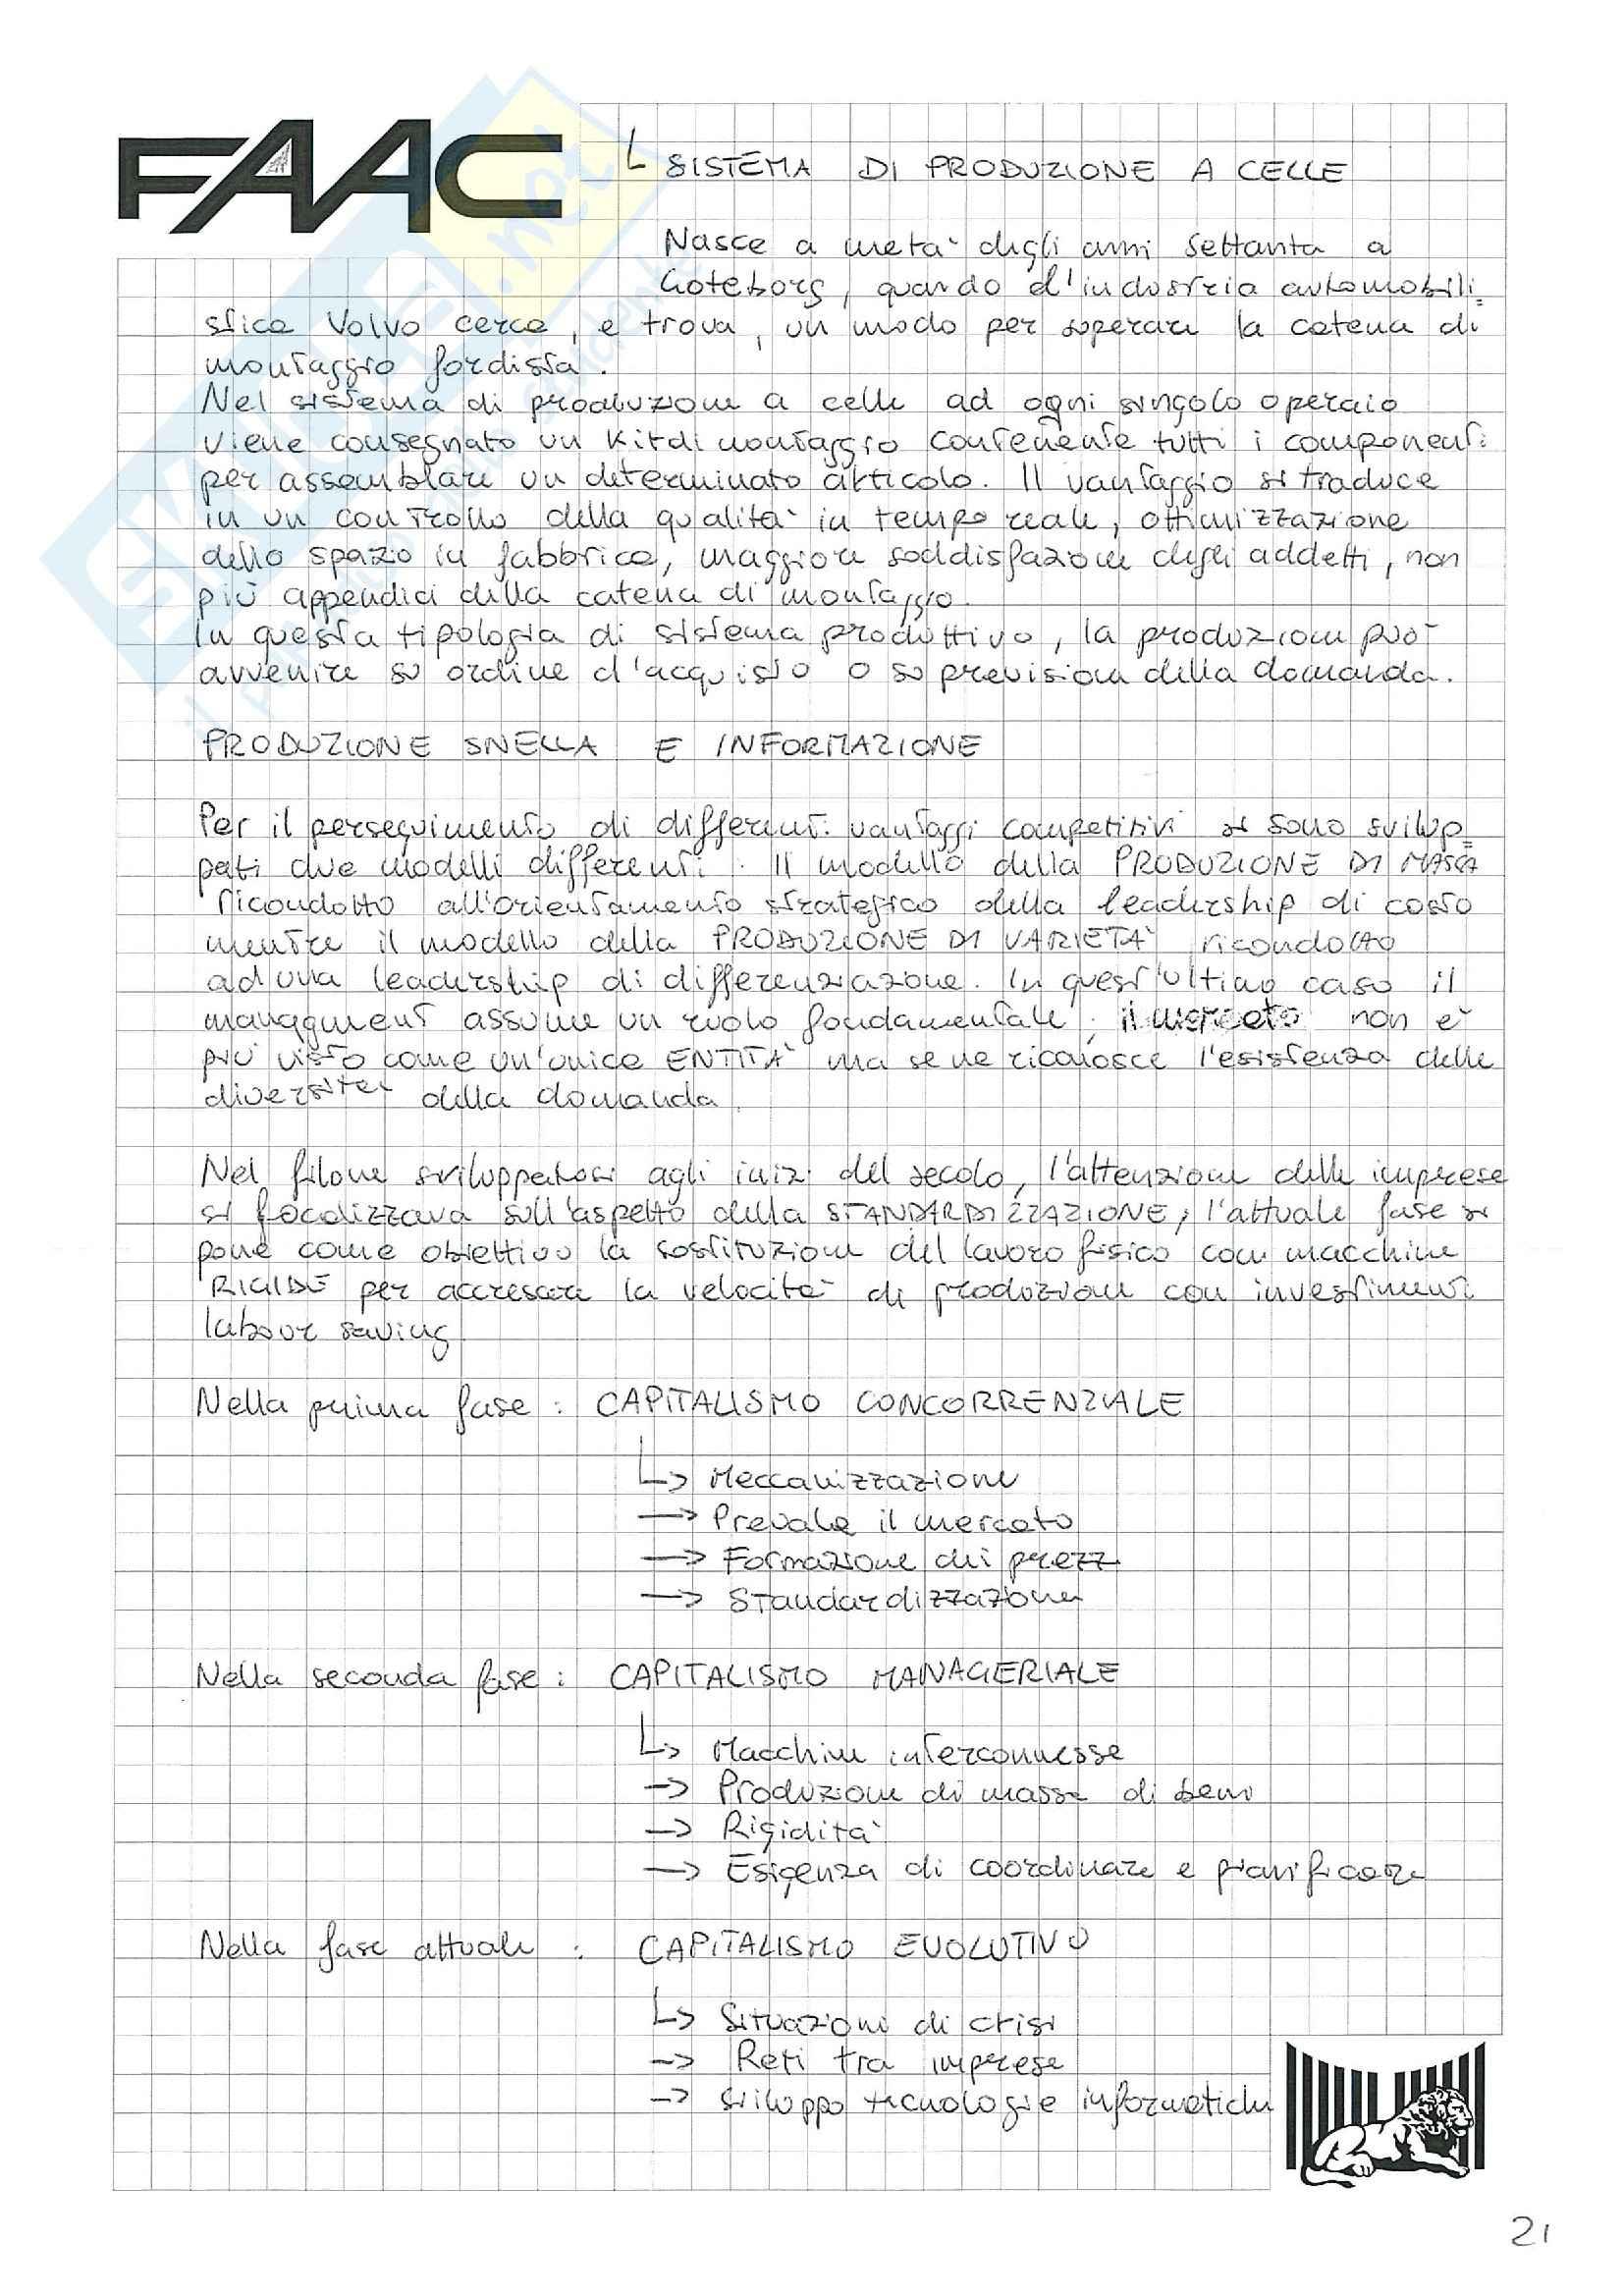 Riassunto esame Economia e gestione delle imprese, prof. Santovito, libro consigliato La gestione d'impresa, Scicutella Pag. 21